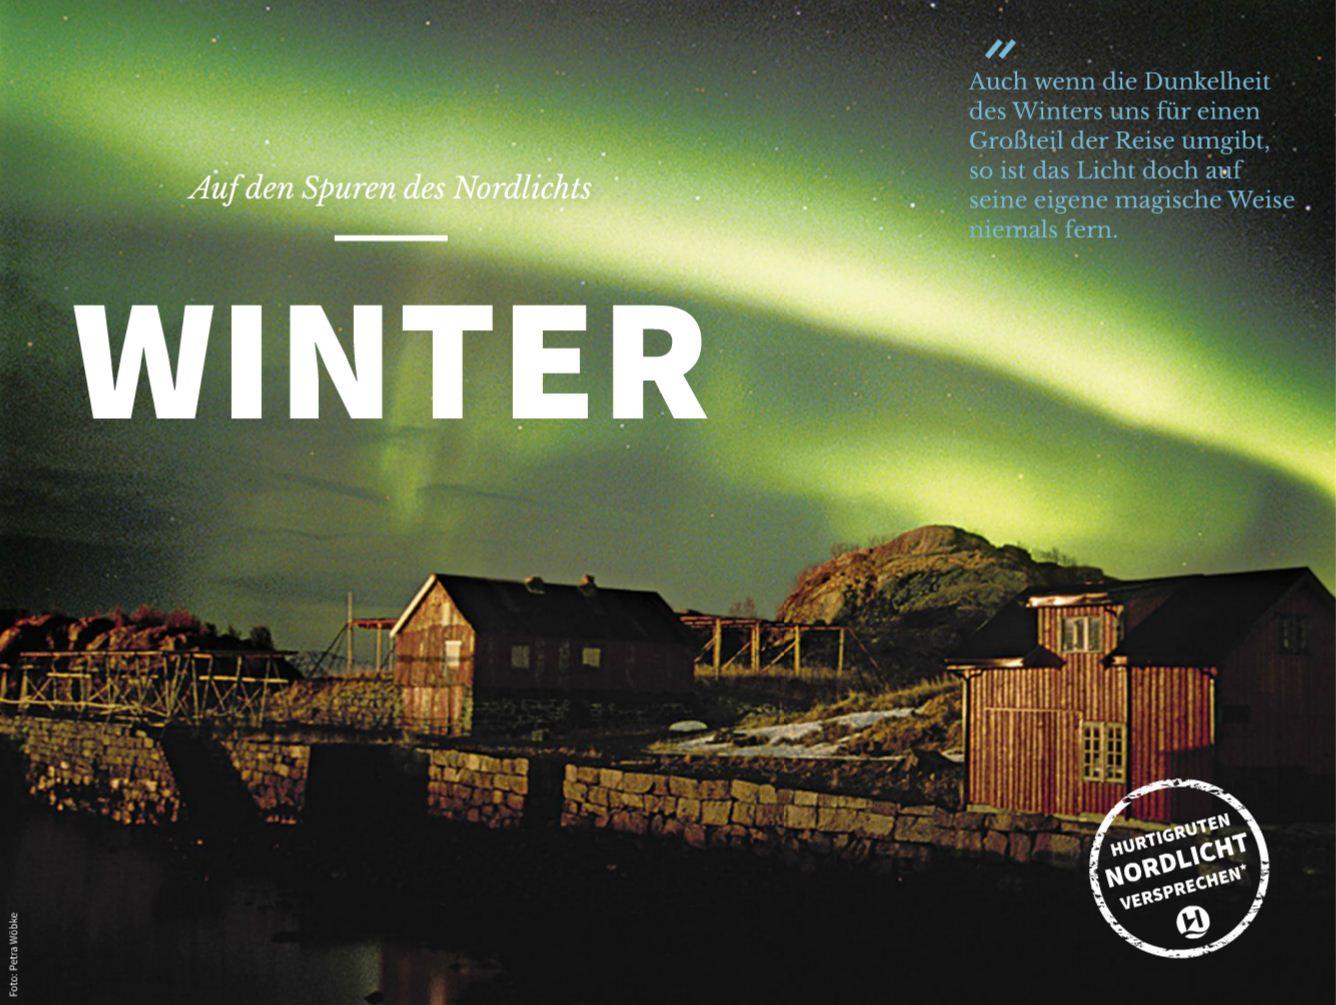 Der Winter mit Hurtigruten Postschiffreisen